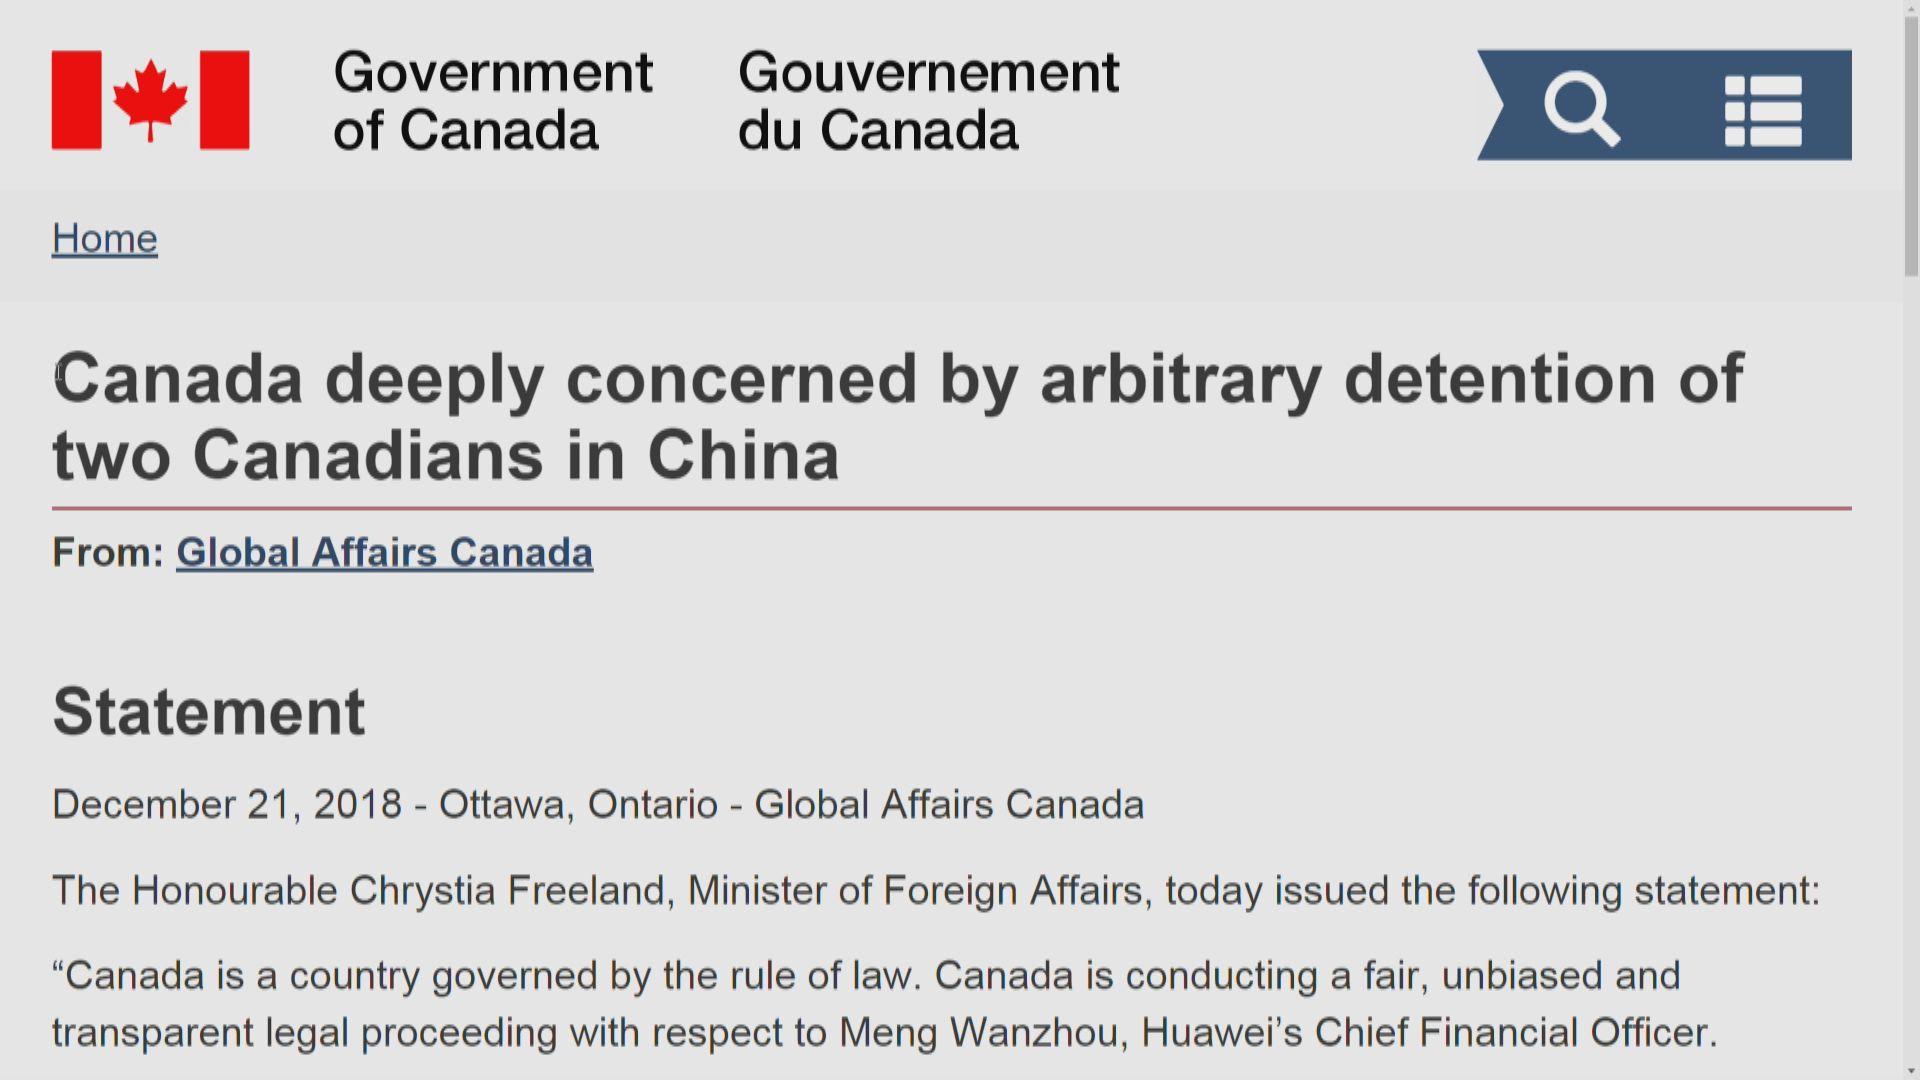 美國發聲明要求中國立即釋放加拿大公民